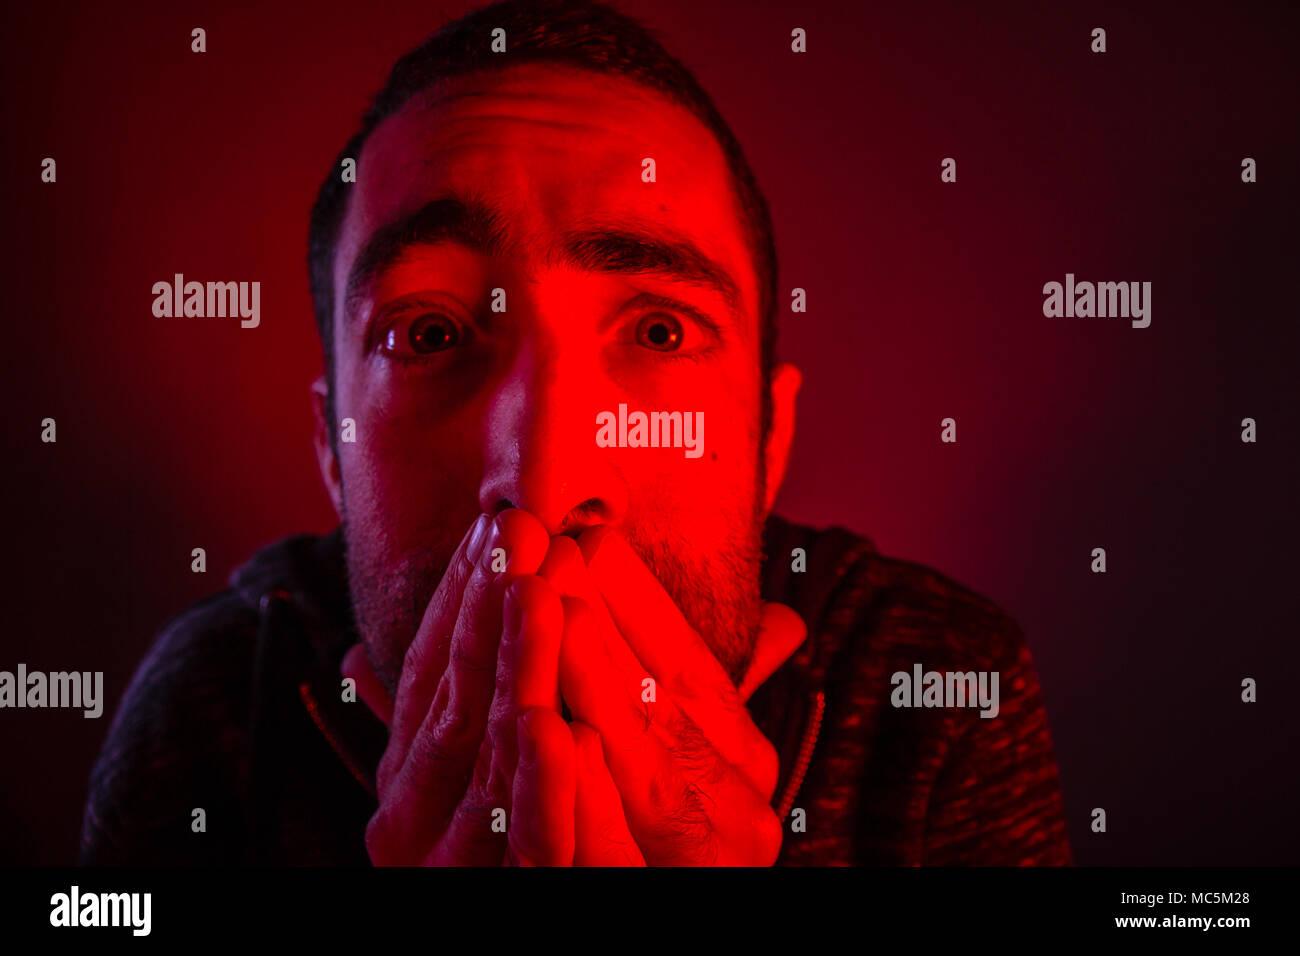 Aturdido hombre asustado con sorpresa la expresión facial. Cerrar headshot retrato de consternado al hombre con su mano en la cara. Imagen De Stock